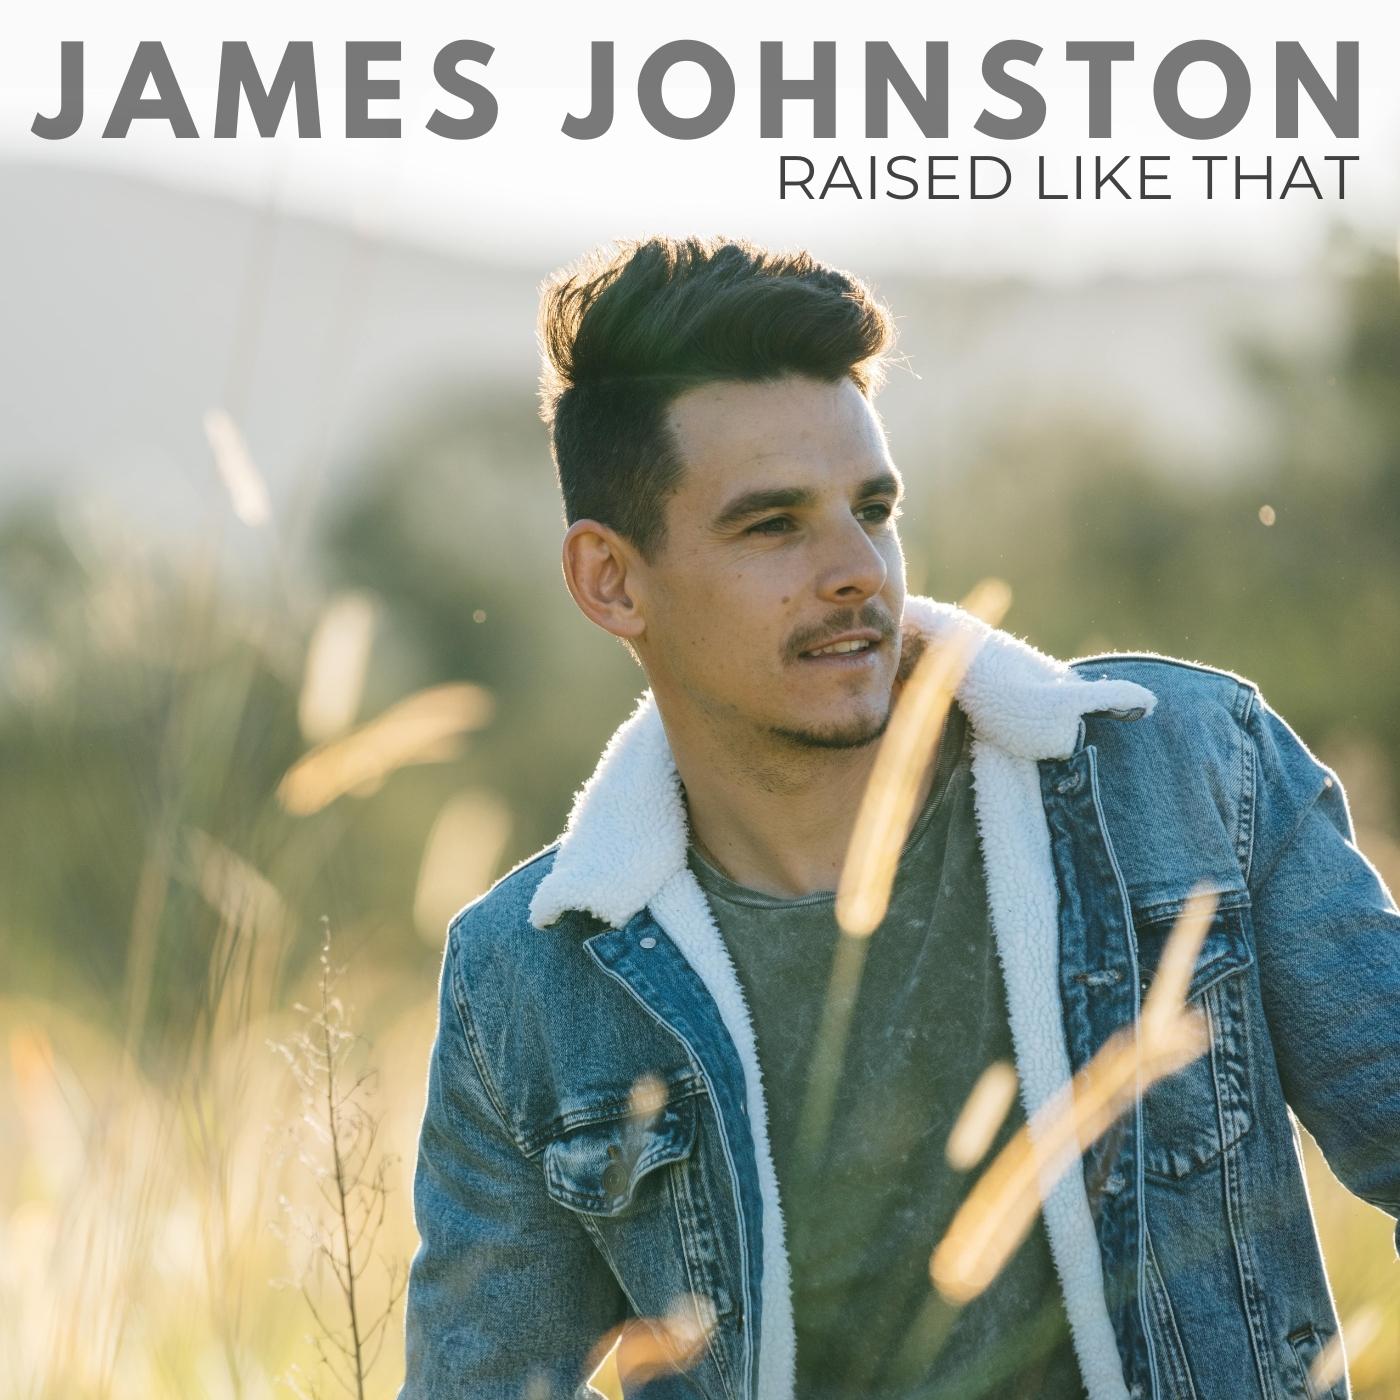 James Johnston Raised like that